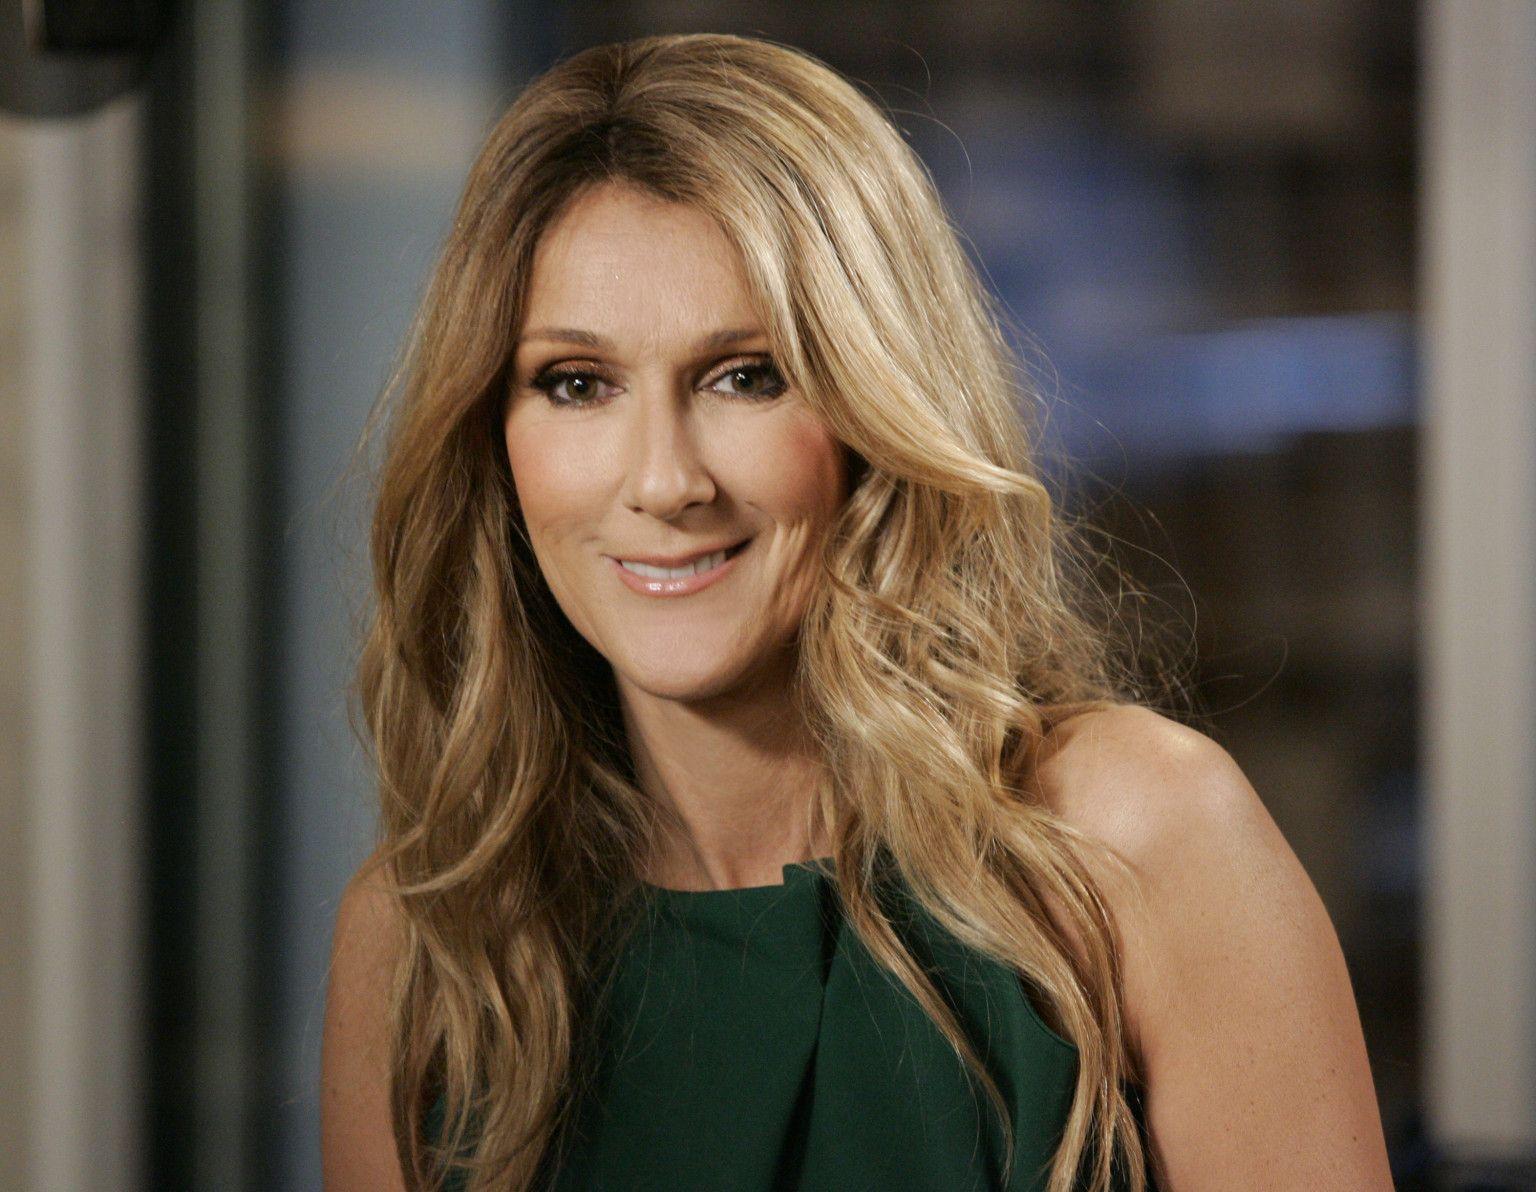 Céline Dion Suspend Toute Activité Professionnelle Pour Des Raisons Familiales Celine Dion Celebrities Celine Dion Biography